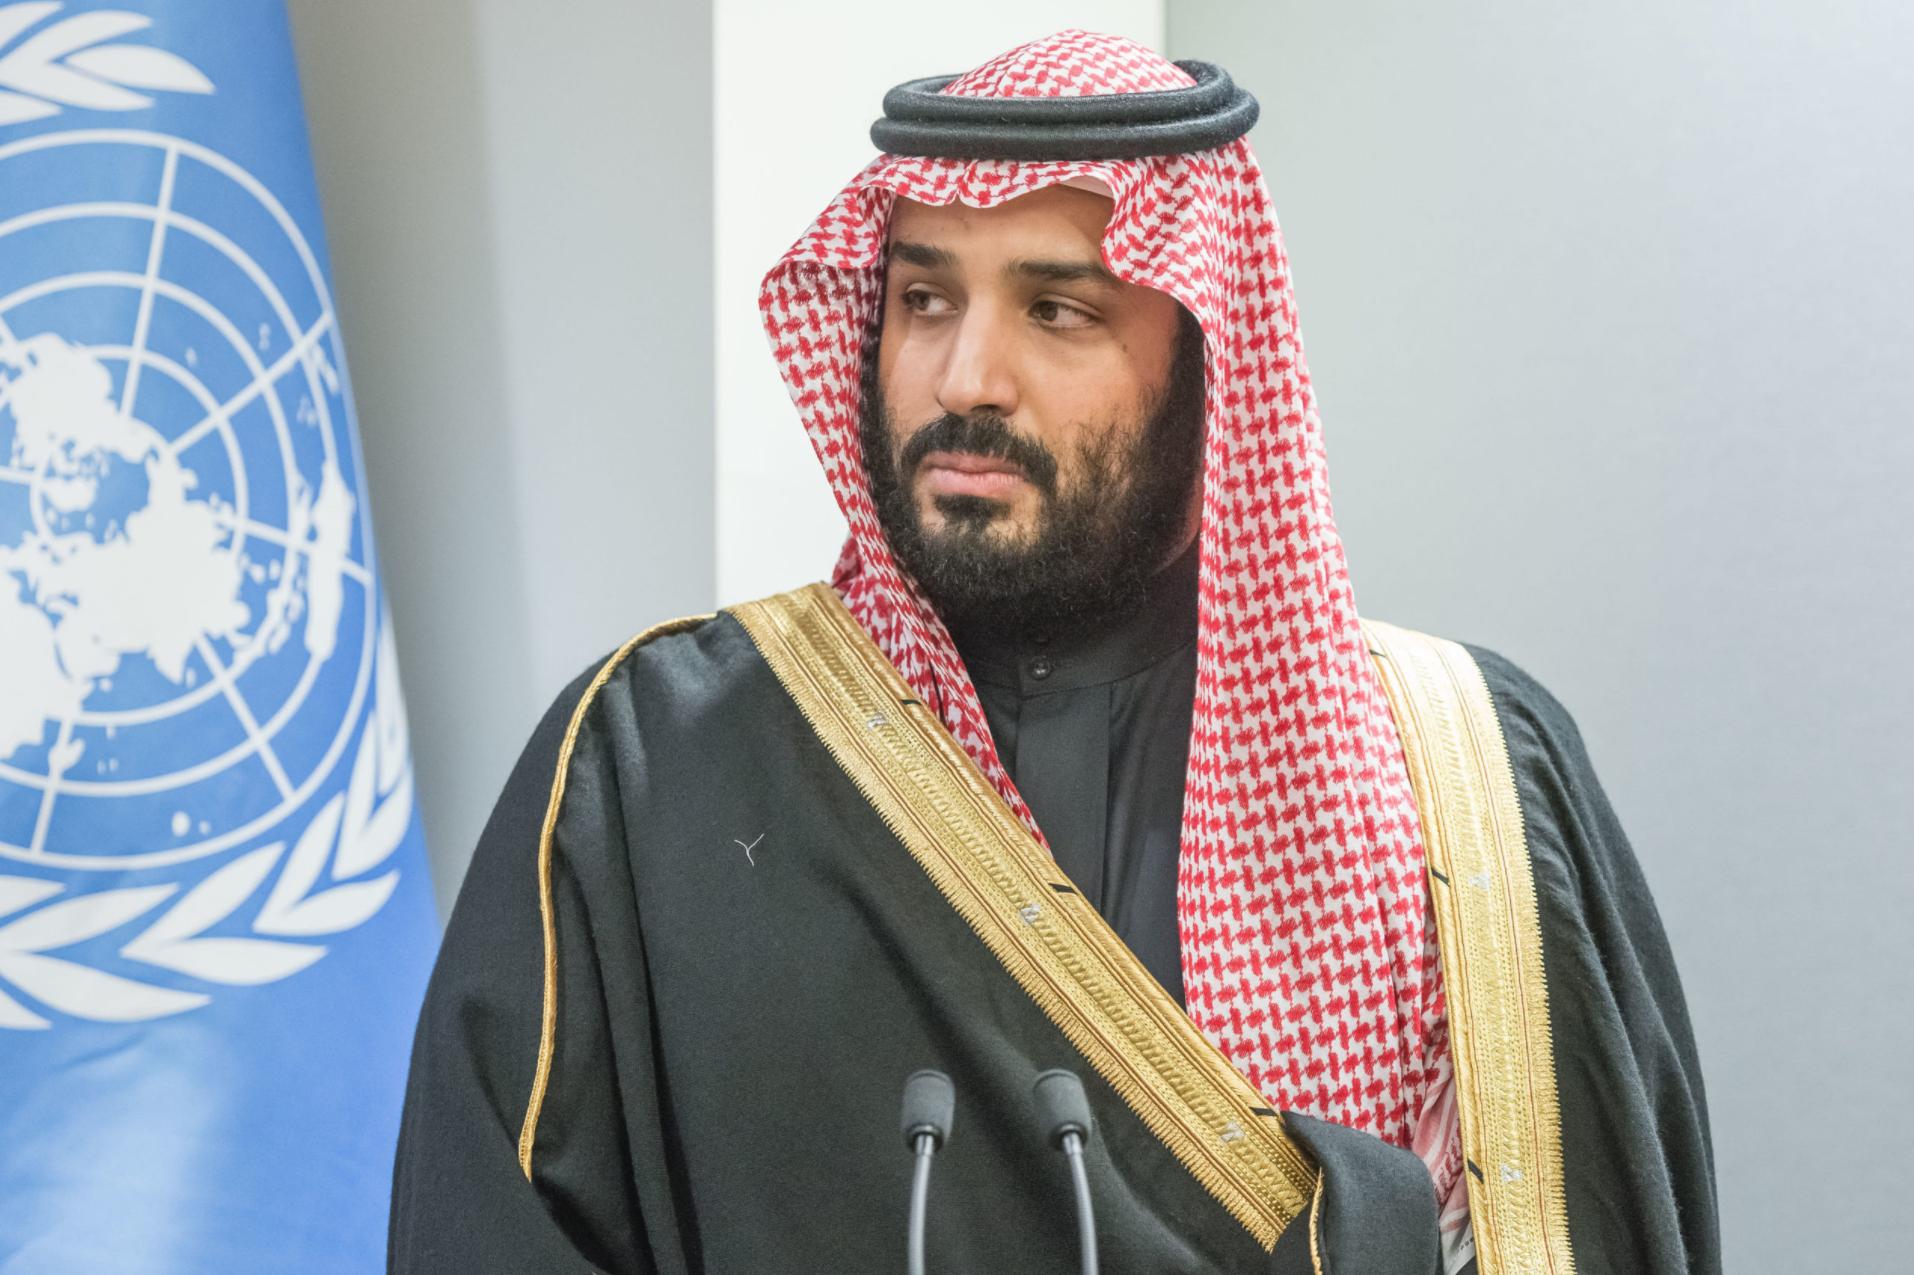 特朗普才不管沙特王储干过啥,只要买军火啥都行,国会都不敢反对